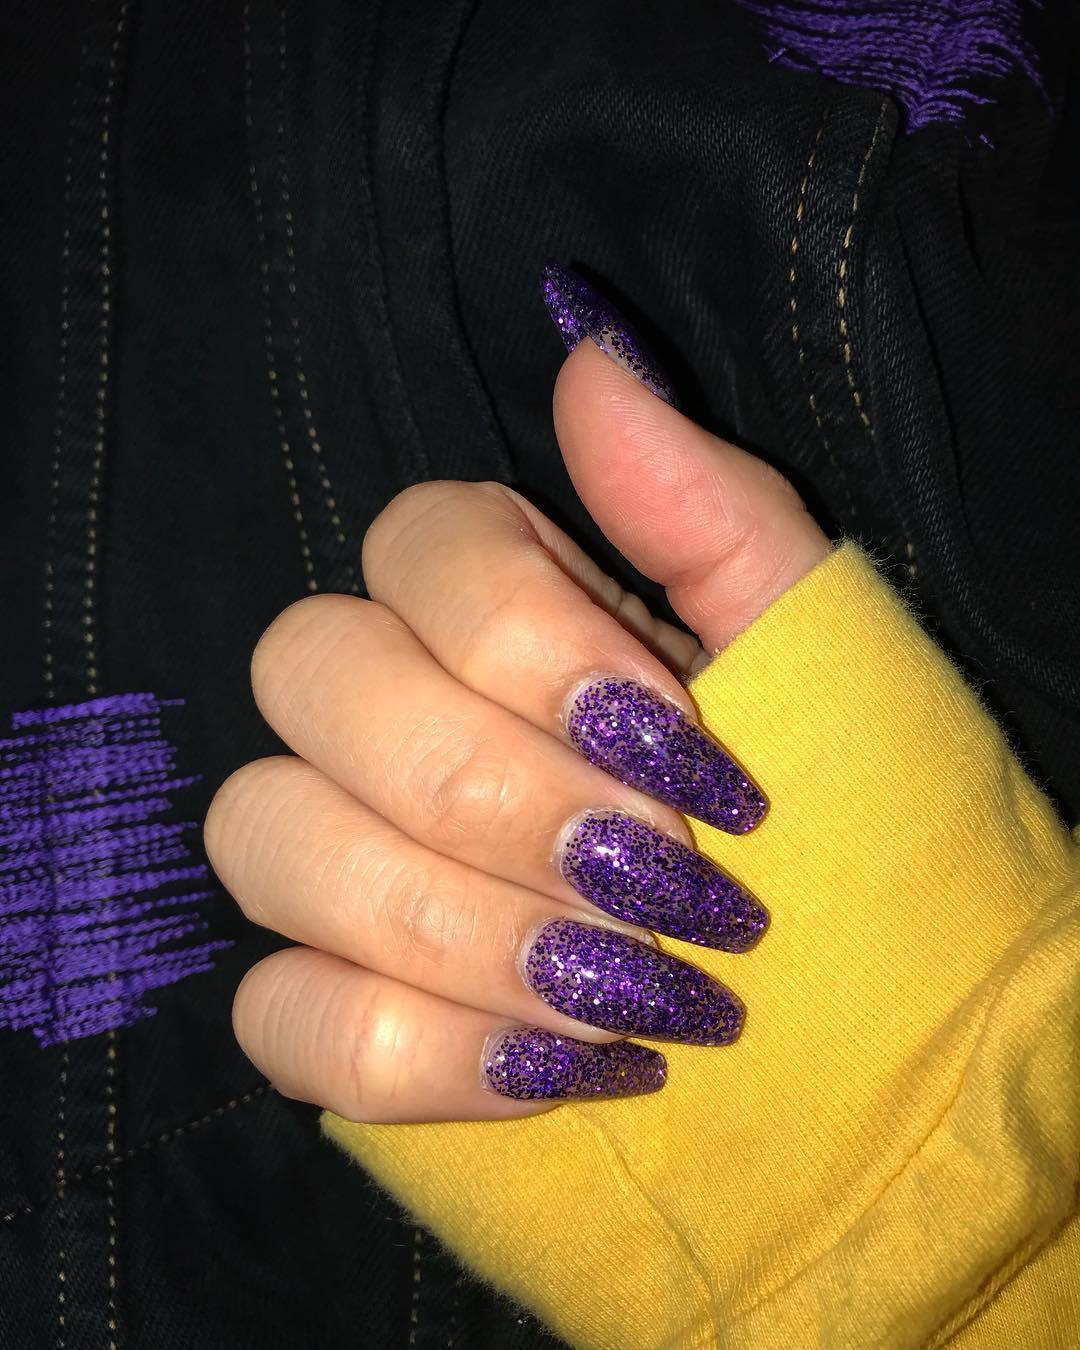 cute purple nail art ideas 2019 16 - 24 Cute Purple Nail Art Ideas 2019